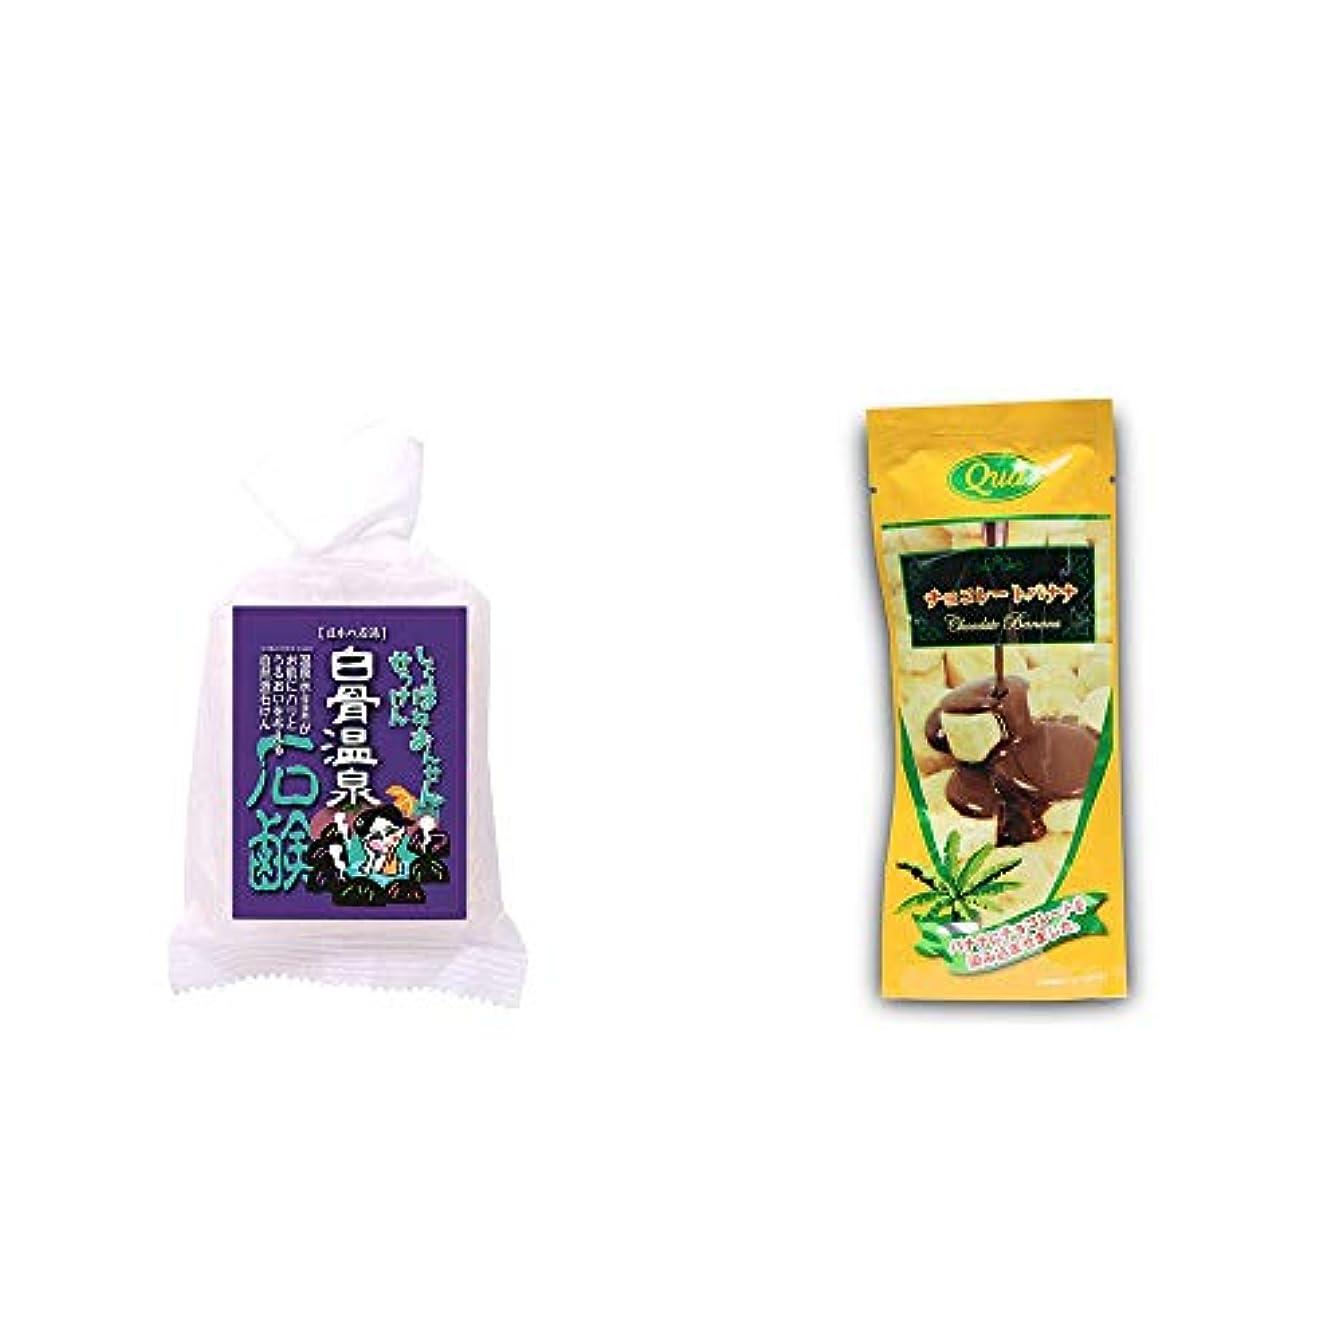 なくなるタイマー見かけ上[2点セット] 信州 白骨温泉石鹸(80g)?フリーズドライ チョコレートバナナ(50g)